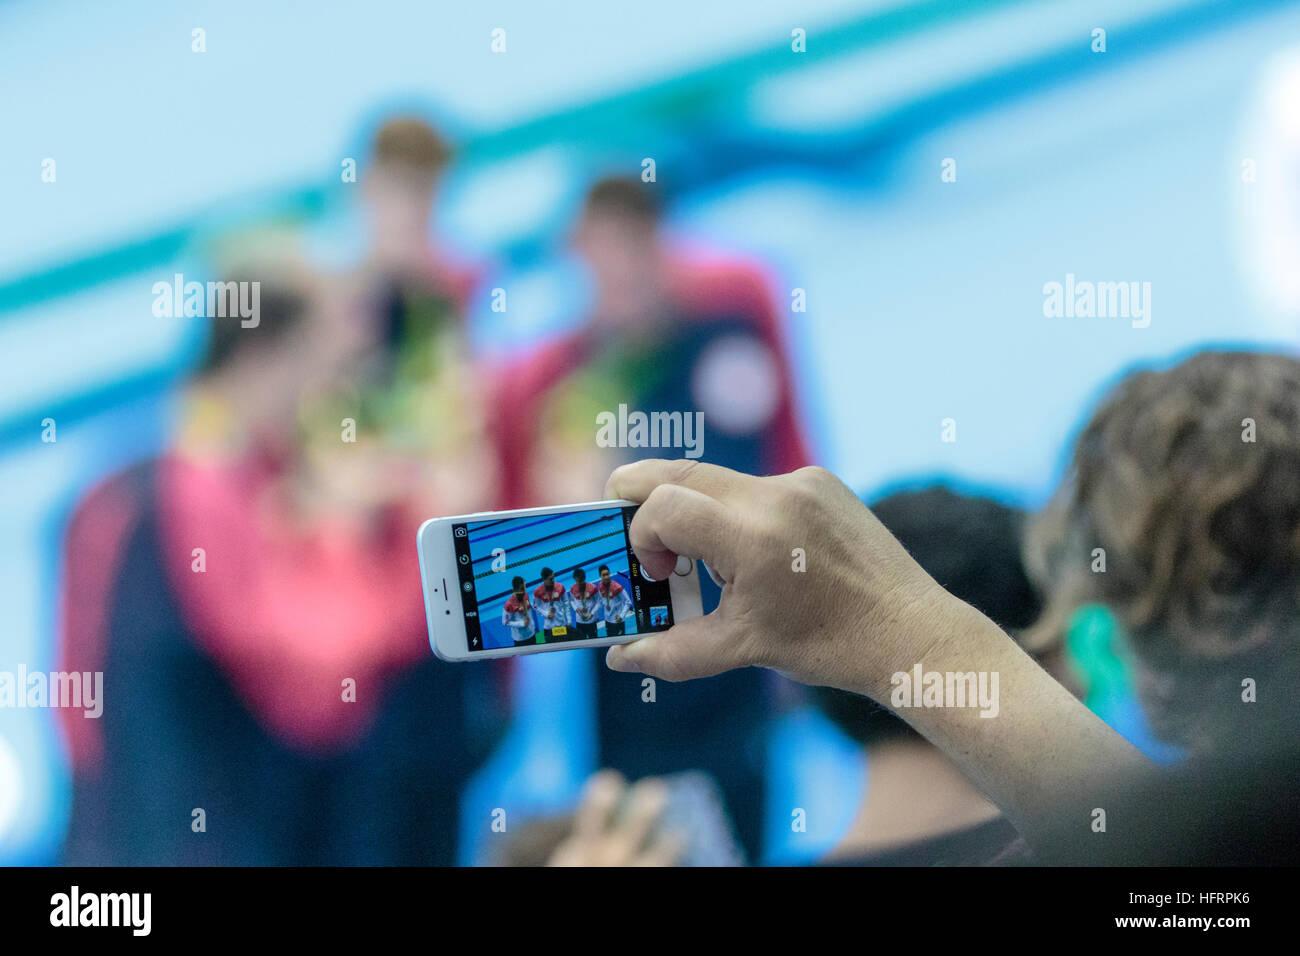 Rio de Janeiro, Brésil. 9 août 2016. À l'aide de spectateurs pour téléphone mobile Photo Stock